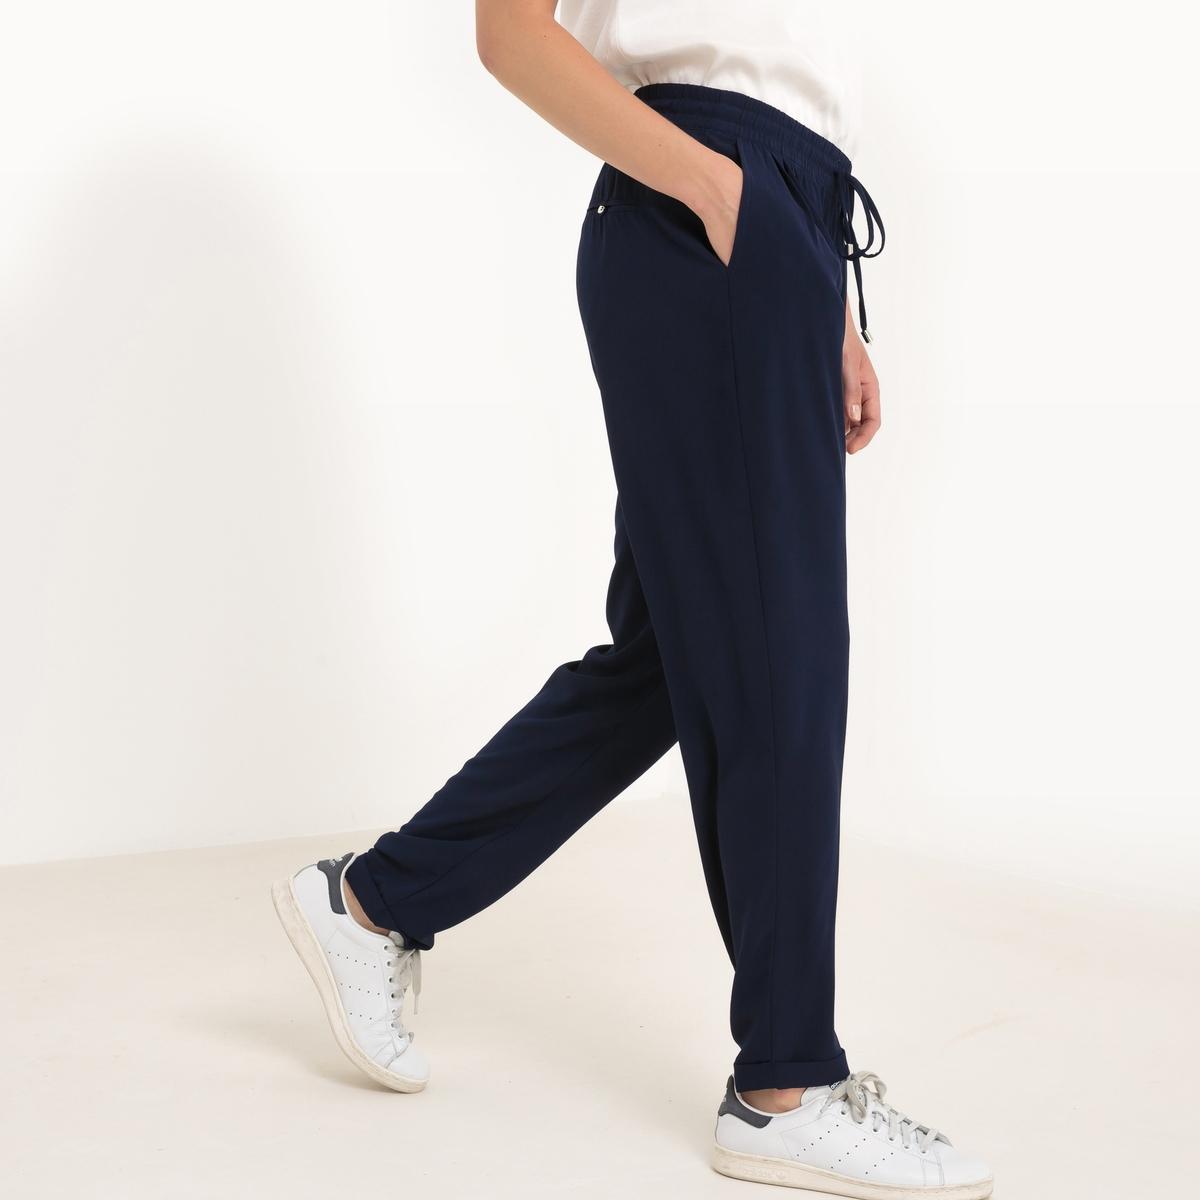 Брюки спортивные из струящейся тканиДетали  •  Спортивные брюки •  Стандартная высота поясаСостав и уход  •  100% полиэстер •  Следуйте рекомендациям по уходу, указанным на этикетке изделияИзделие адаптировано для периода беременности<br><br>Цвет: коралловый,темно-синий<br>Размер: M/L.M/L